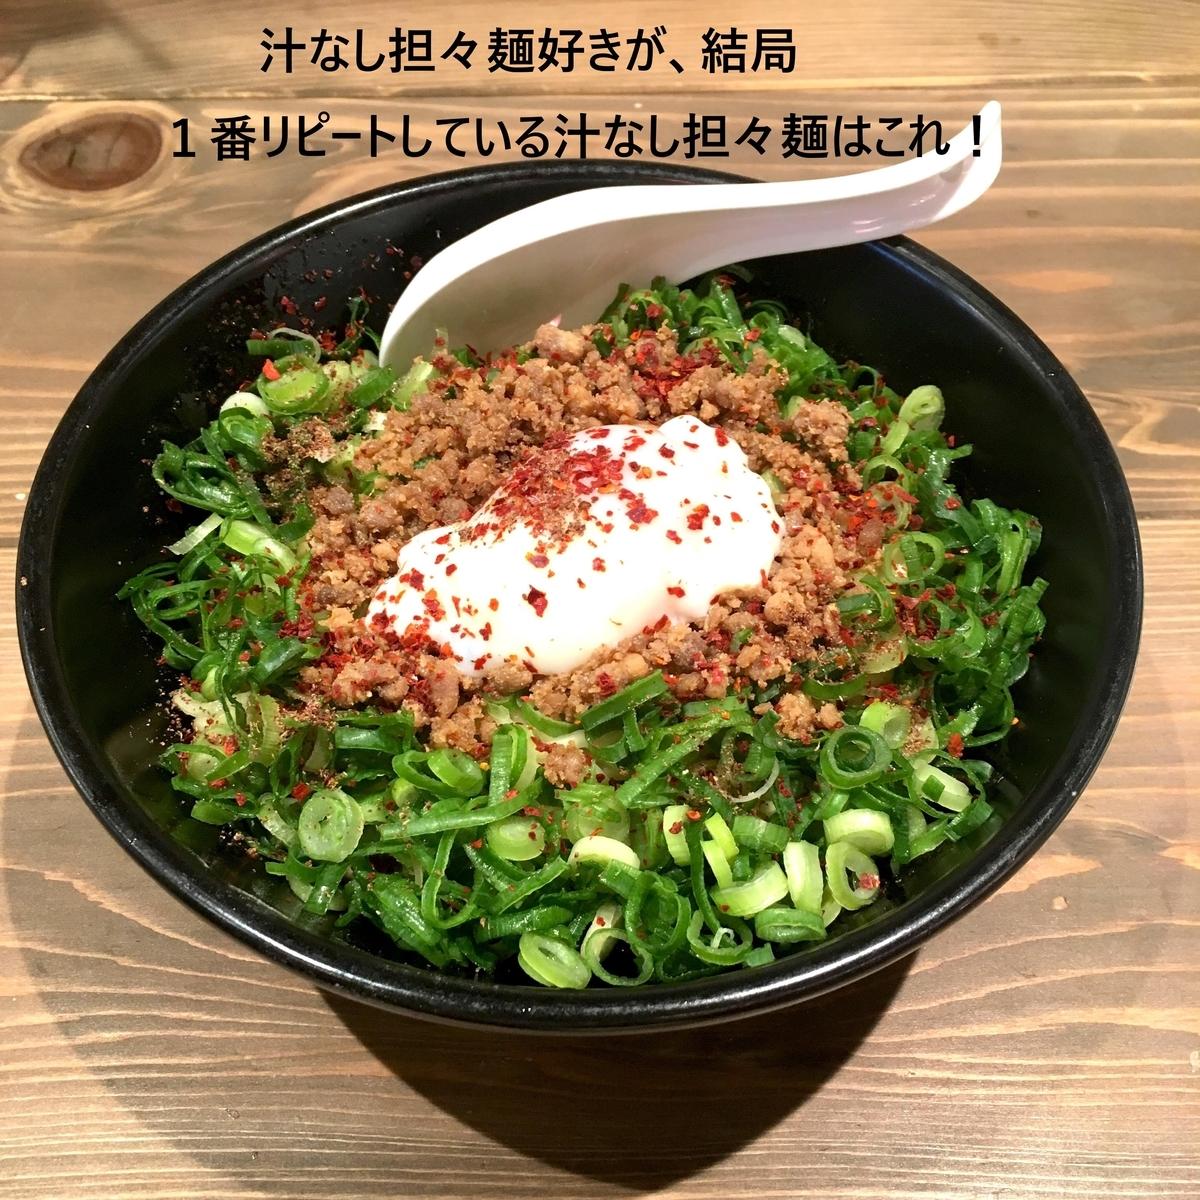 f:id:atsushi-ishida-ai:20190524063729j:plain